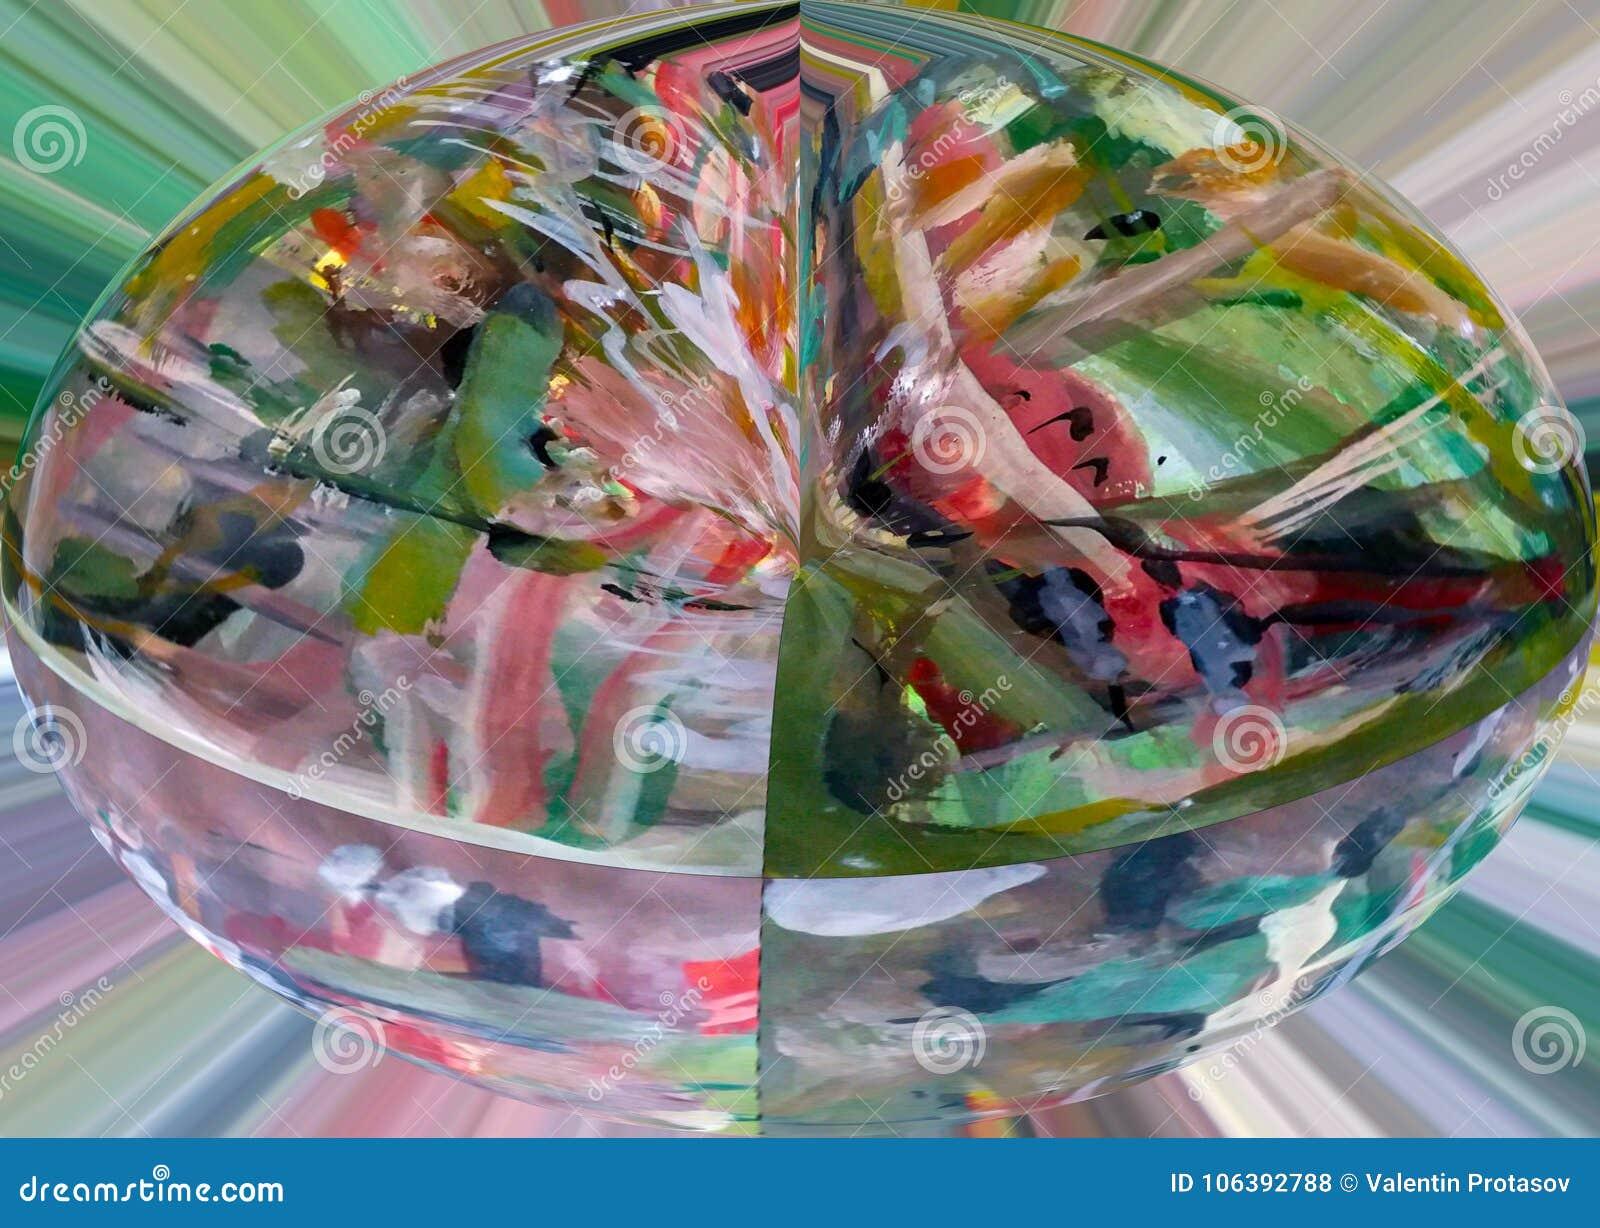 Abstracção Sumário Pintura retrato Textura textured uniqueness abstractions sumários texturas colorido cores Grap